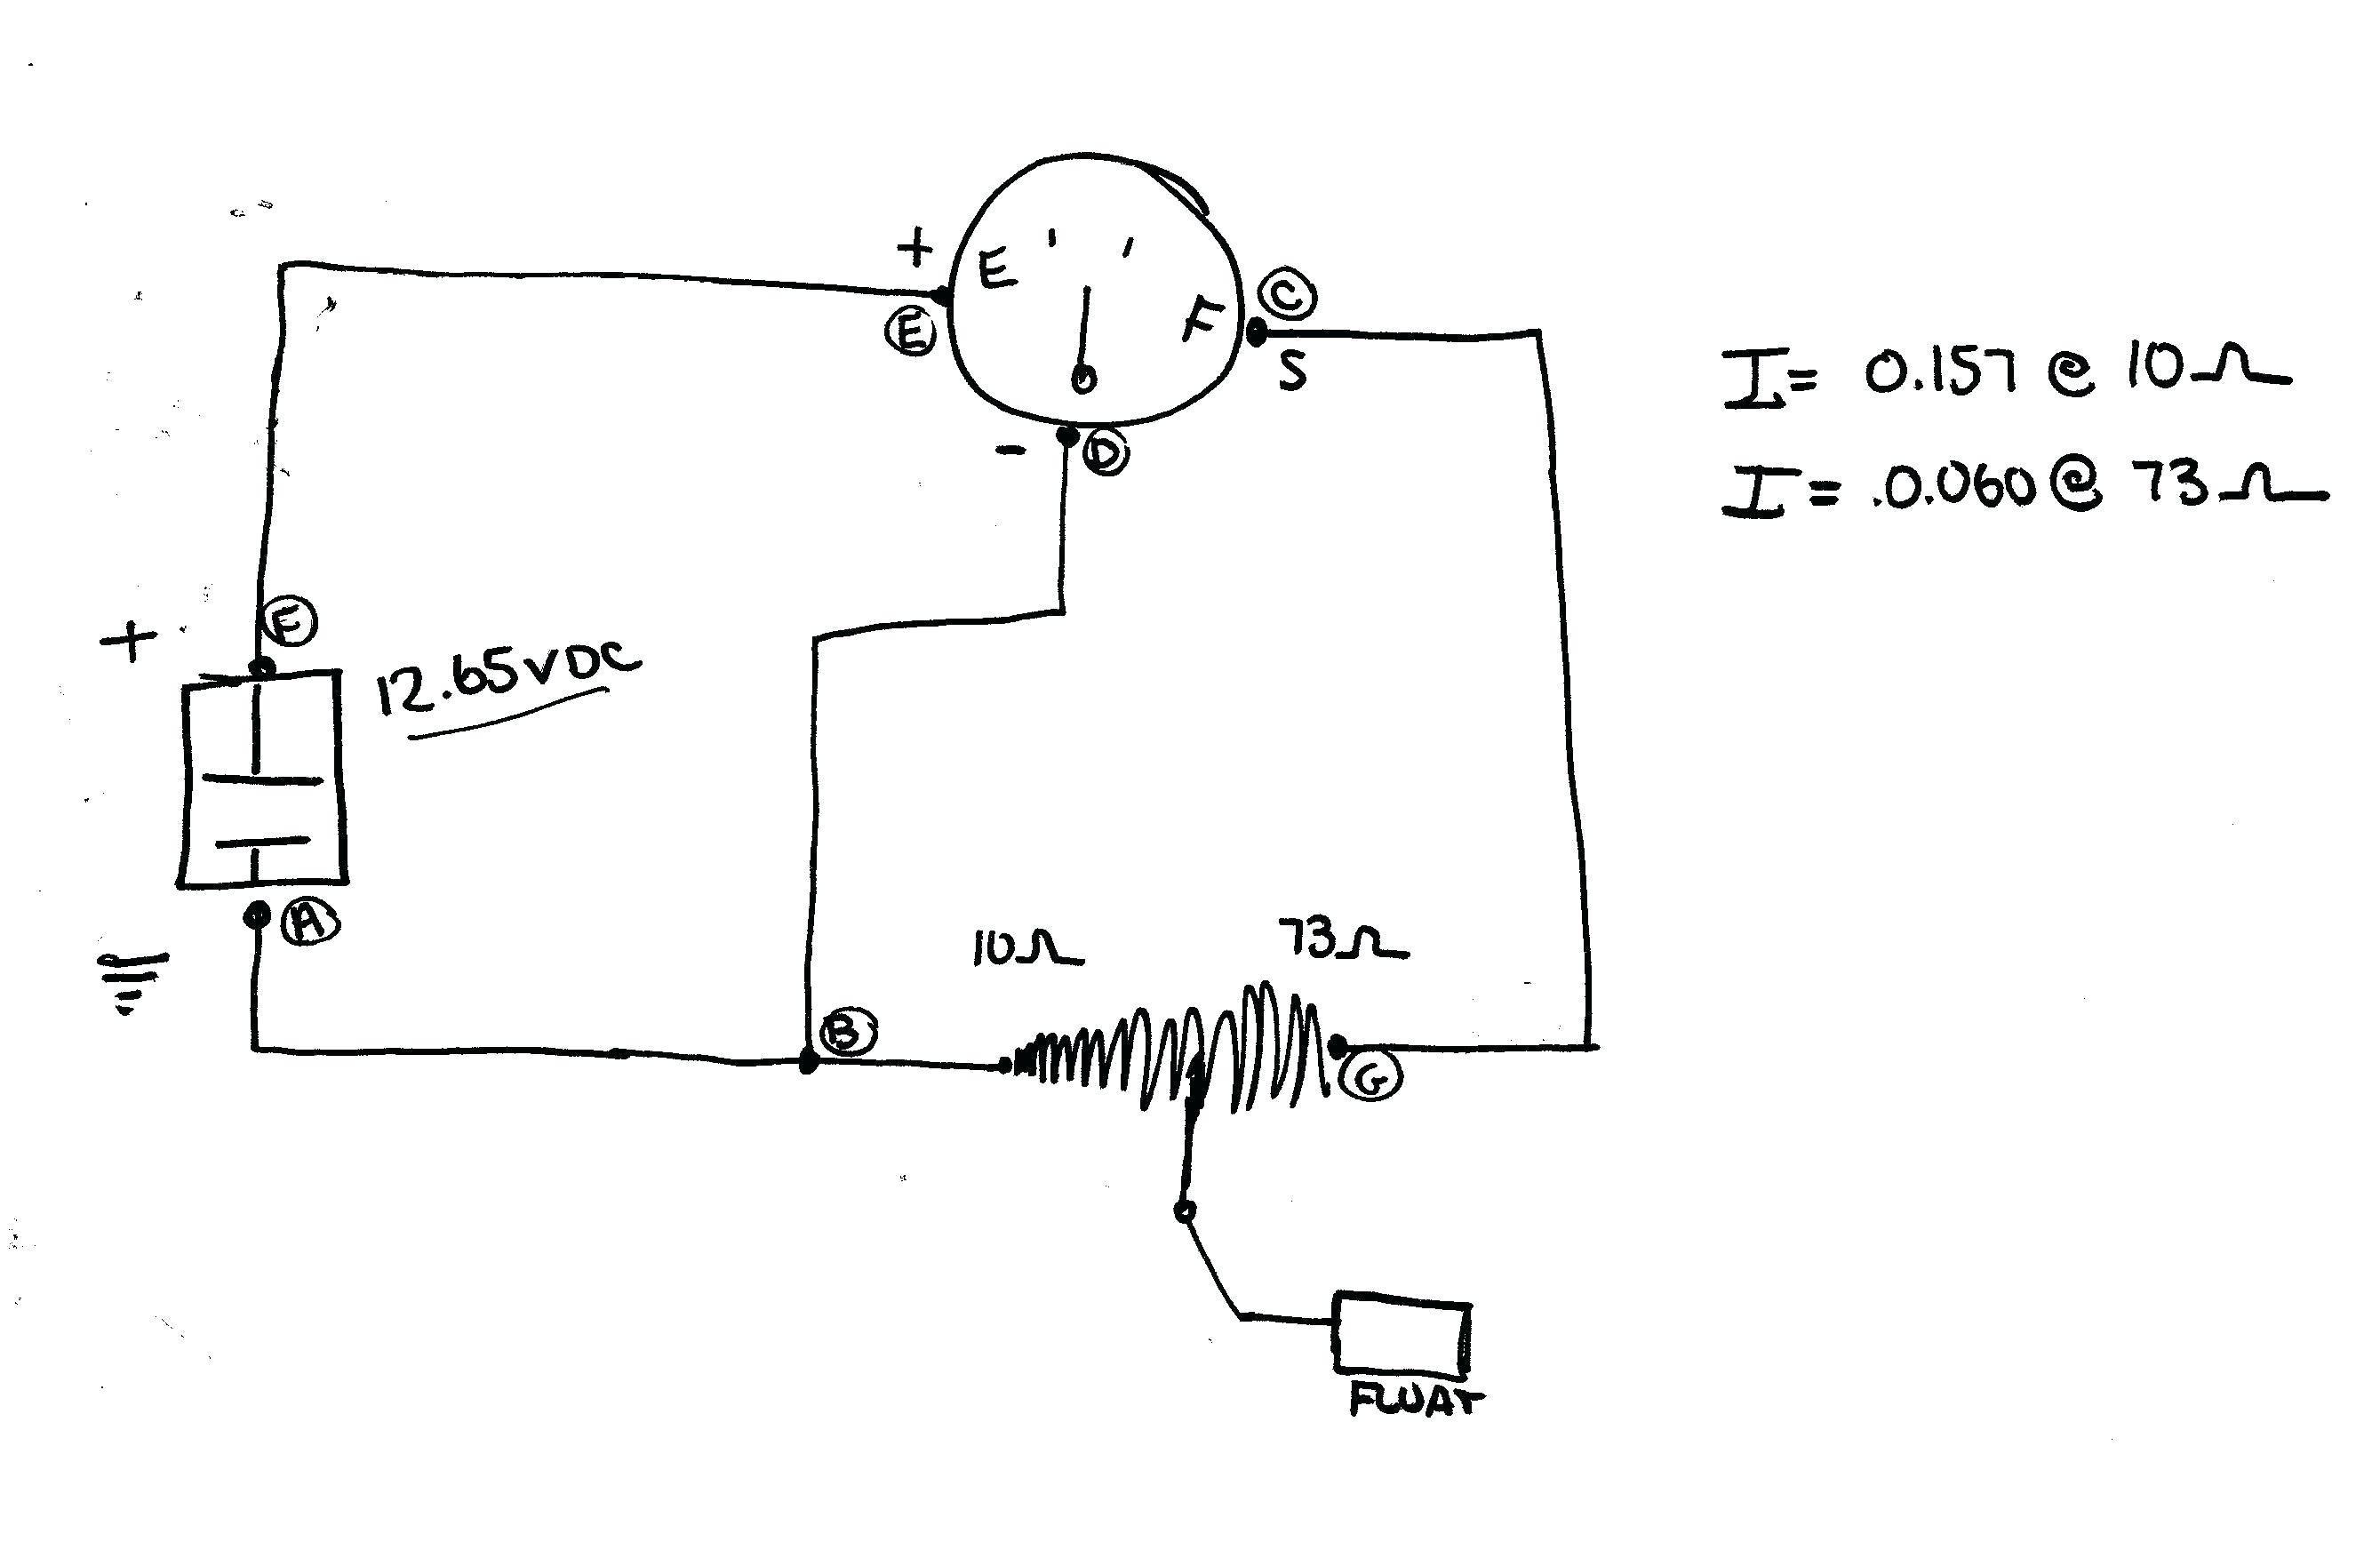 harley fuel gauge wiring diagram wiring fuel gauge diagram wiring diagram data  fuel gauge diagram wiring diagram